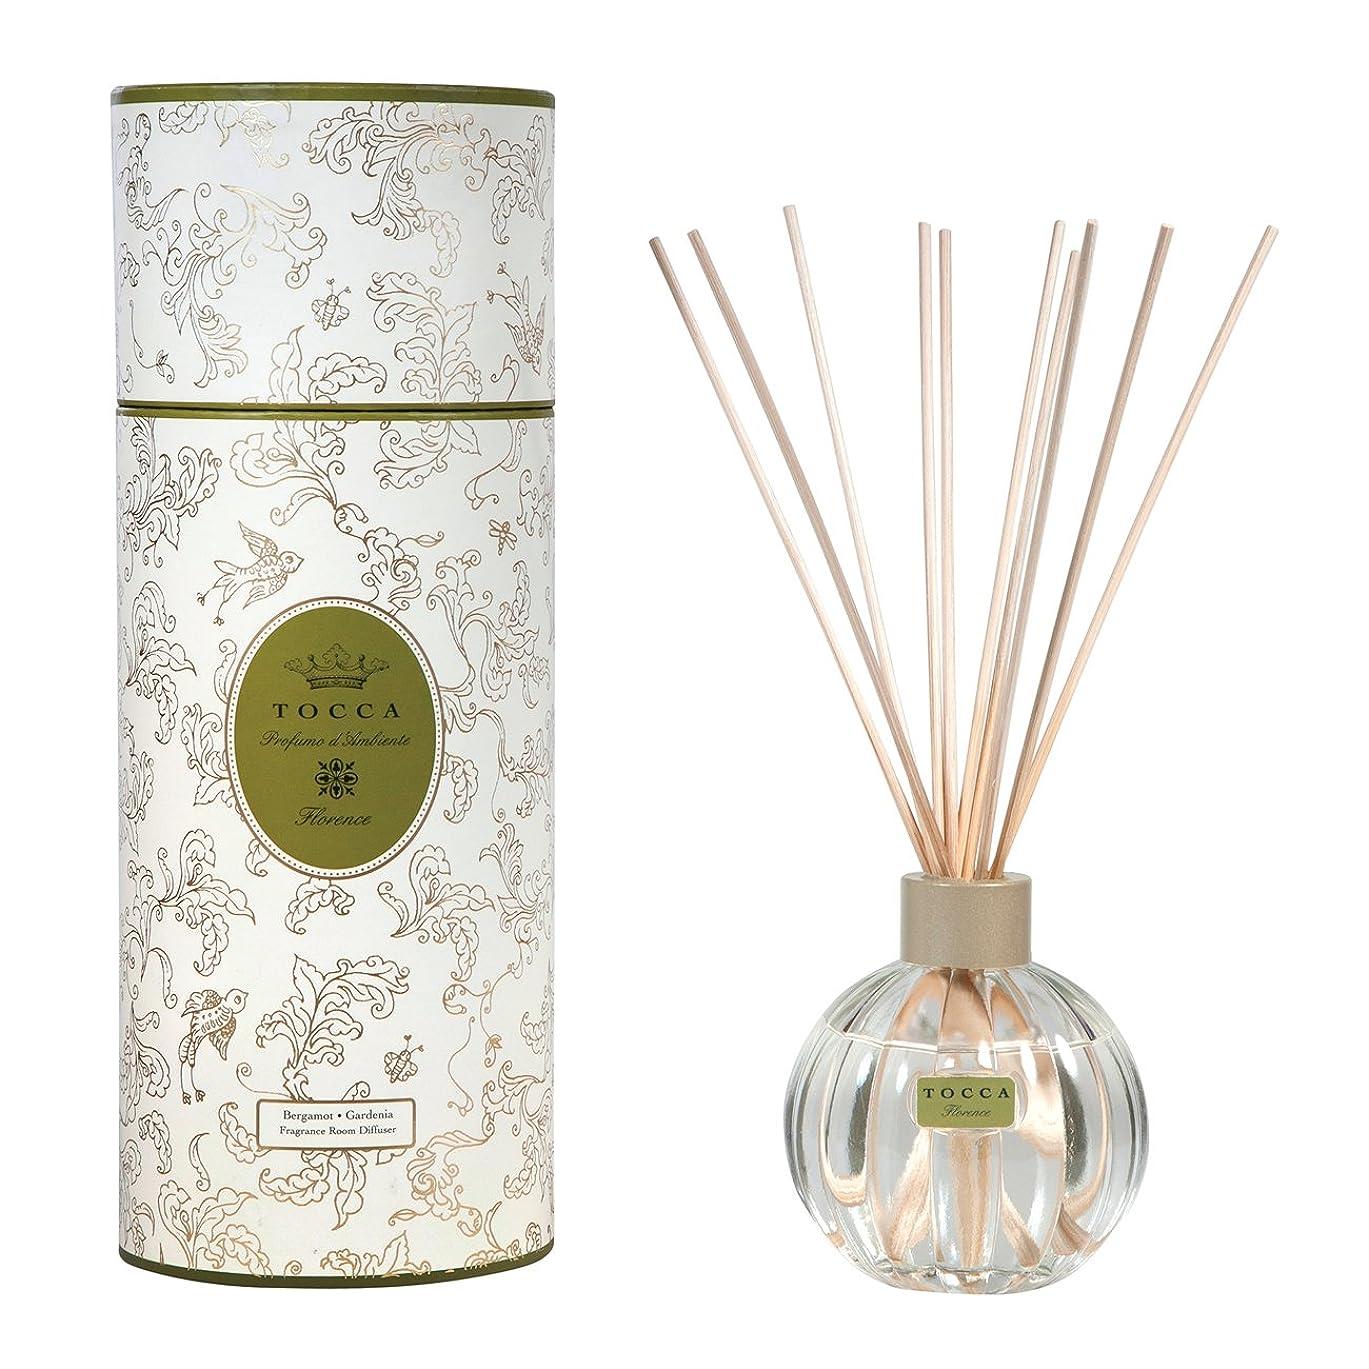 負担モニカさらにトッカ(TOCCA) リードディフューザー フローレンスの香り 175ml 3~4ヶ月持続(芳香剤 ルームフレグランス ガーデニアとベルガモットが誘うように溶け合うどこまでも上品なフローラルの香り)